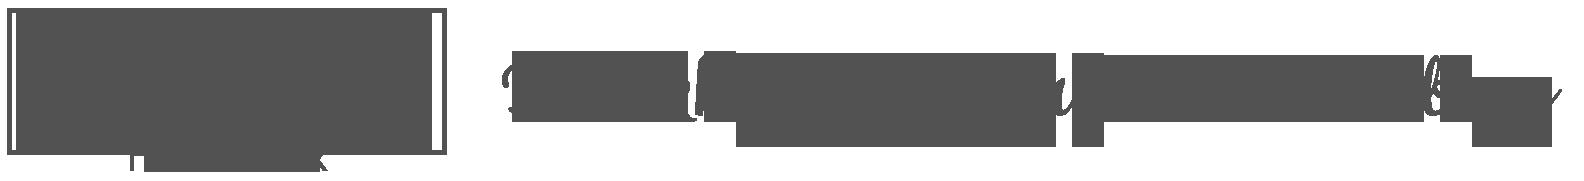 Moekes-logo-fullwidth2